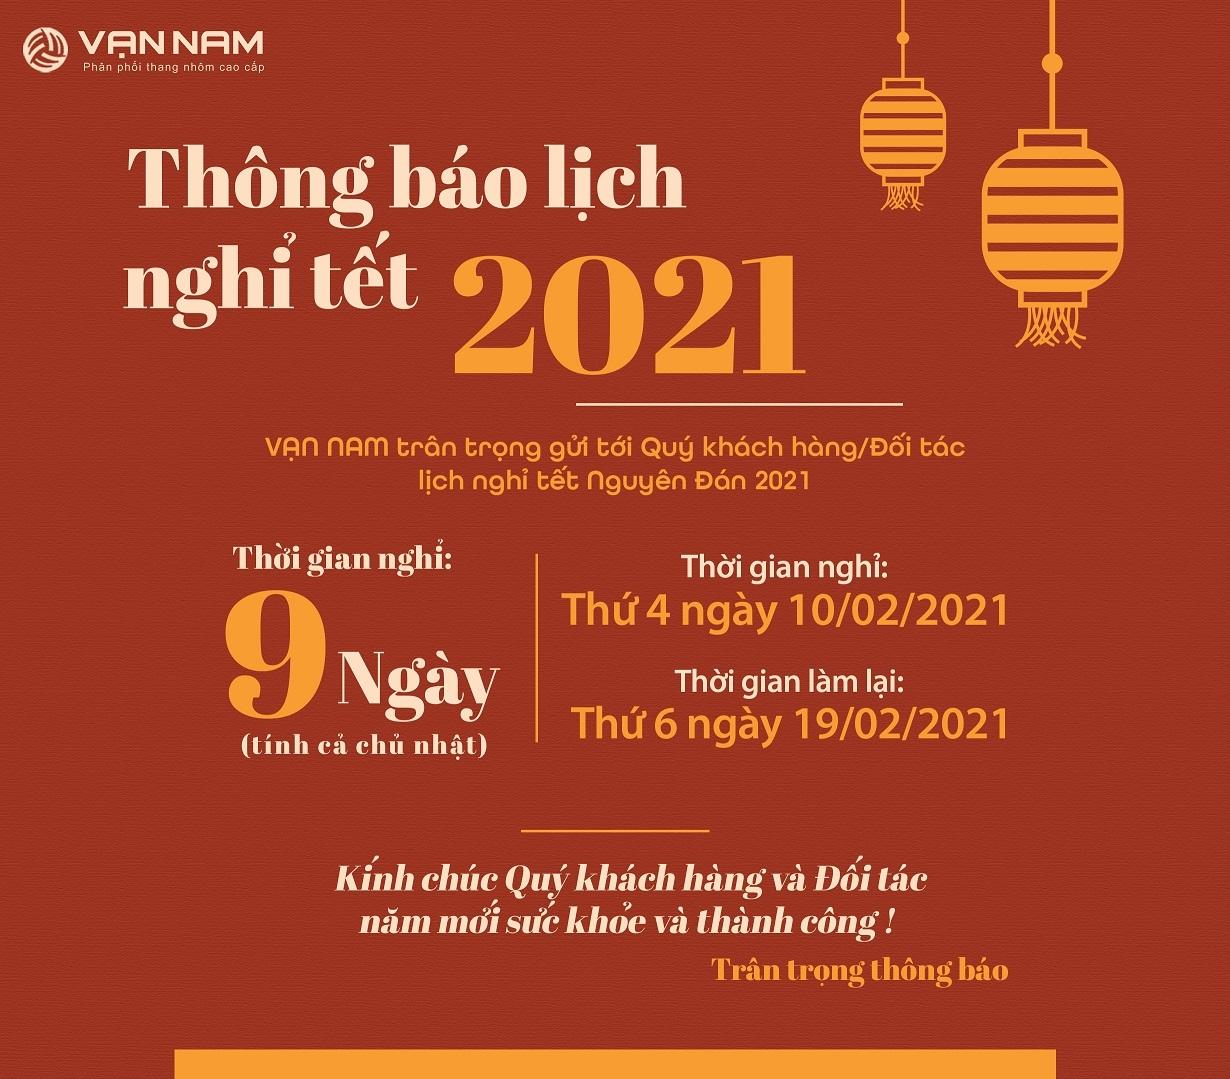 Vạn Nam thông báo lịch nghỉ Tết Tân Sửu 2021